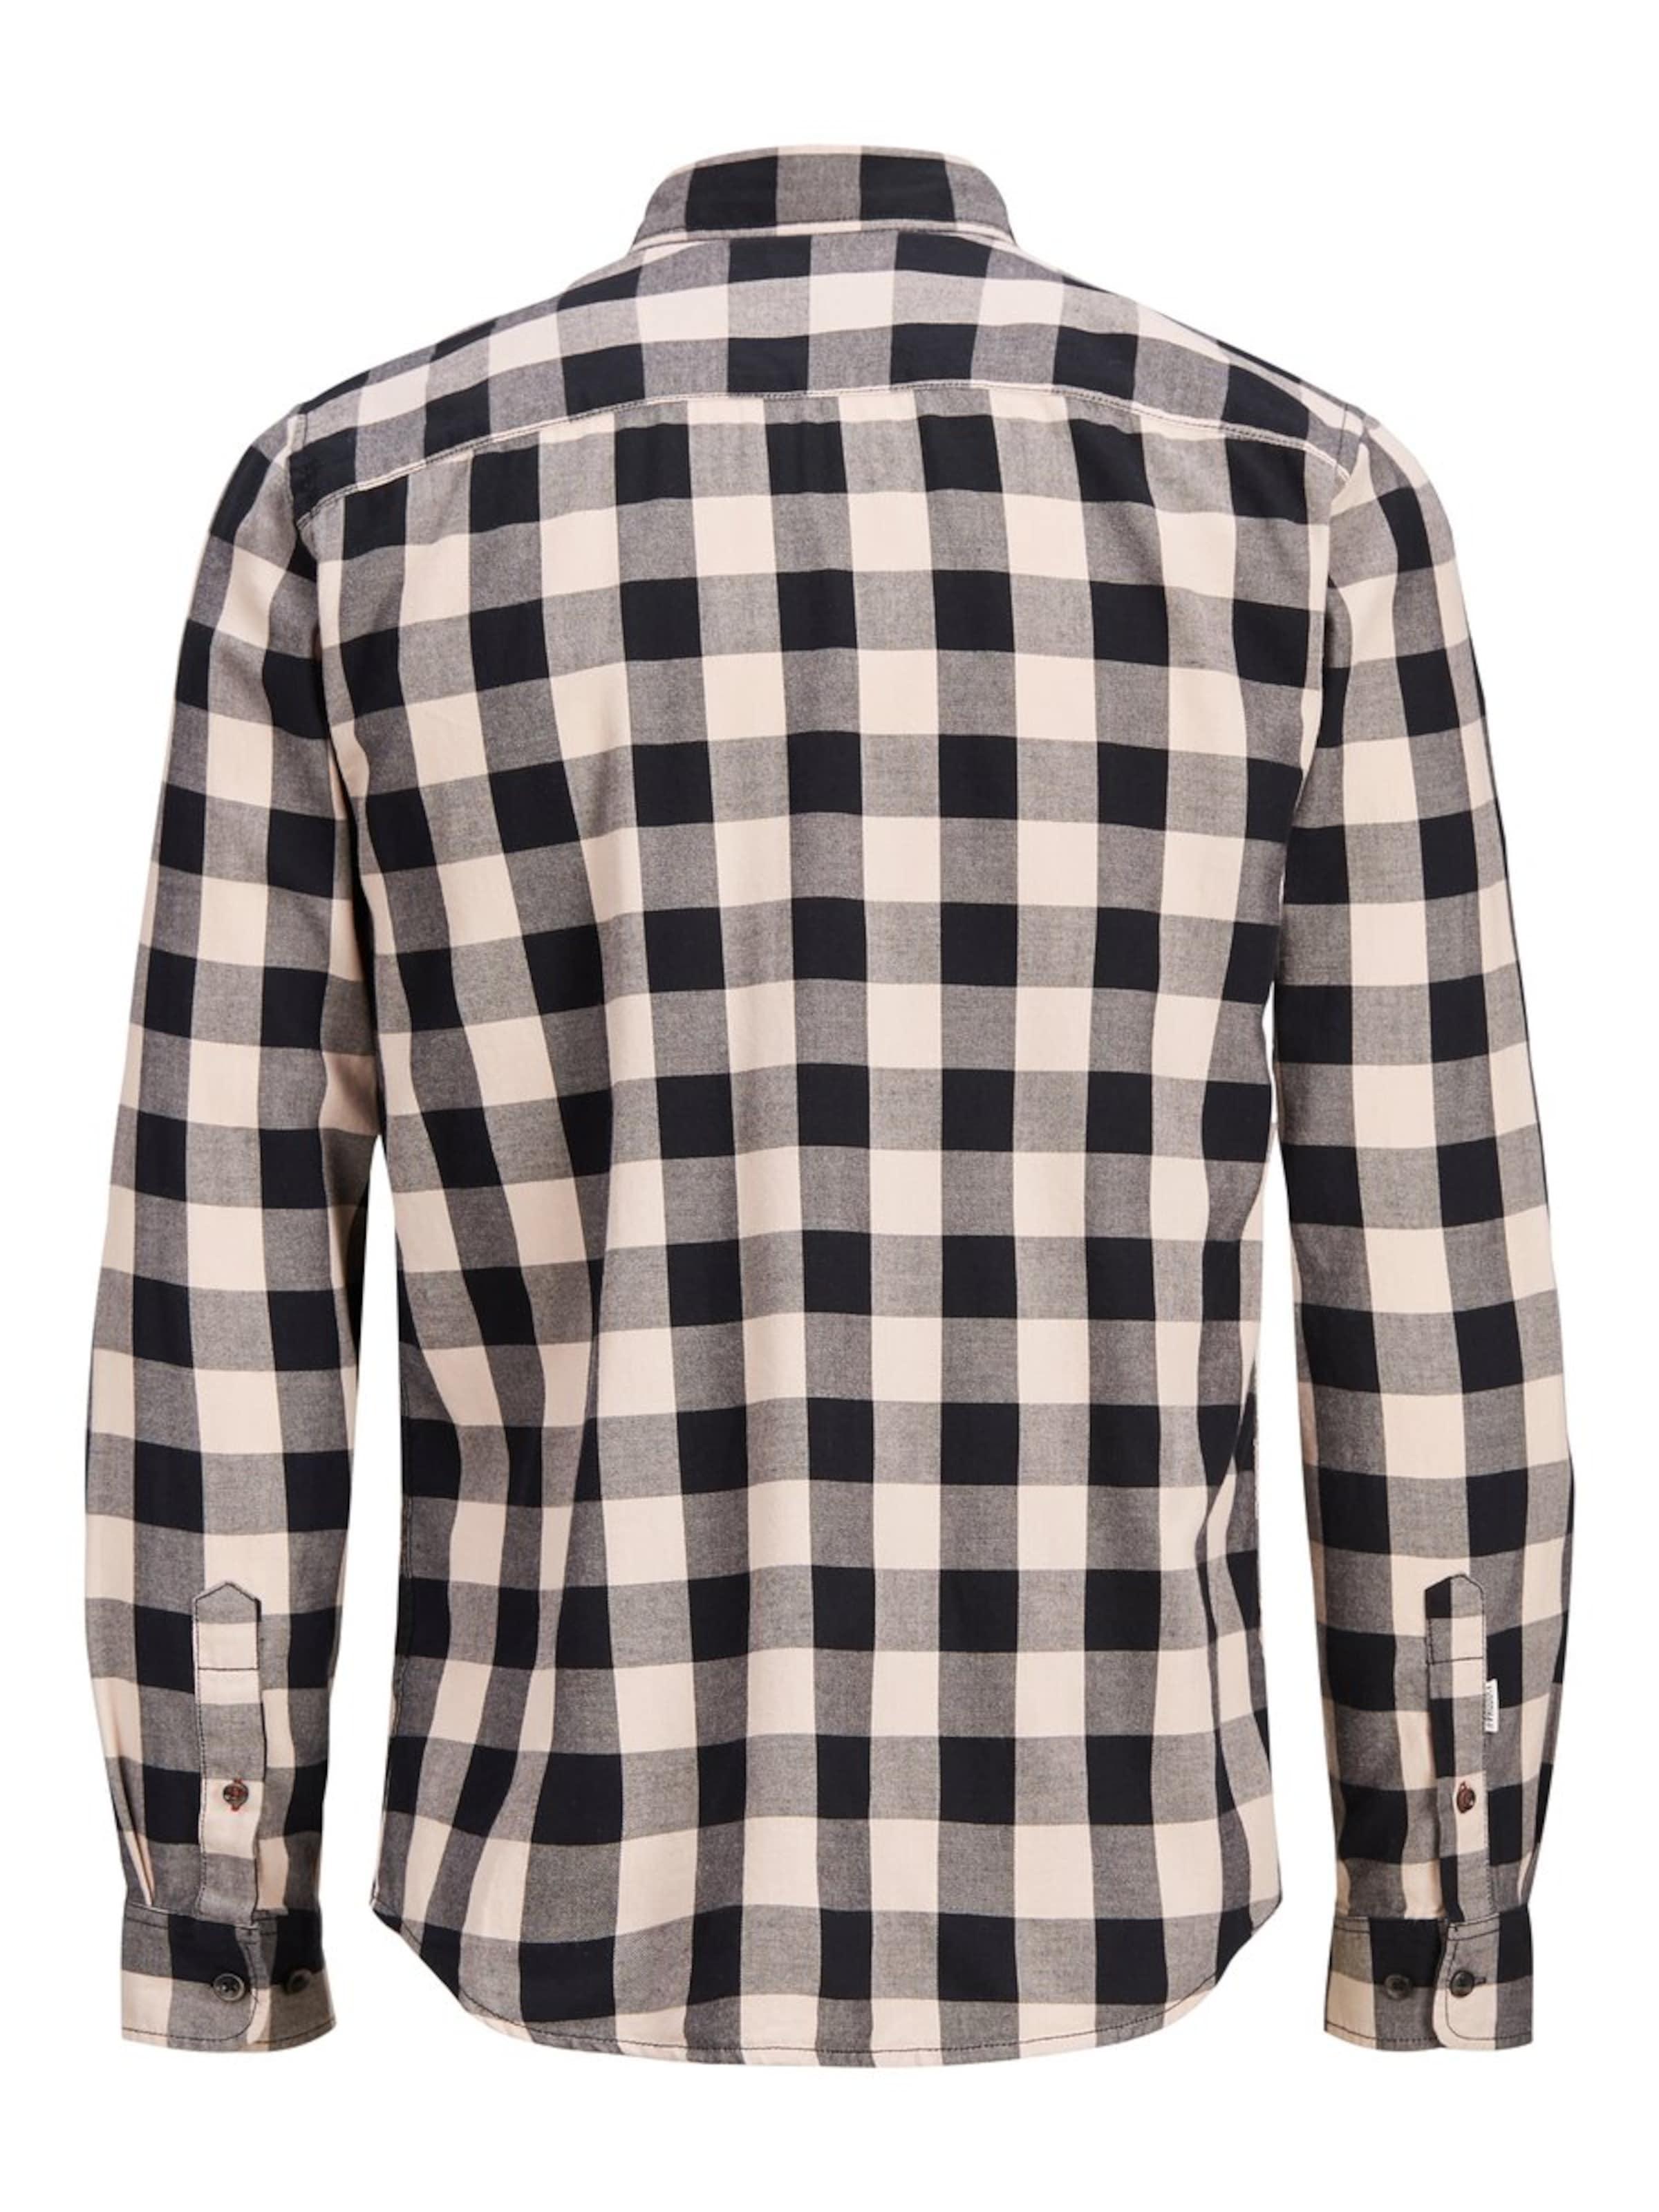 Hemd Hemd Schwarzmeliert Hemd Produkt Schwarzmeliert Produkt In In NudeSchwarz NudeSchwarz Produkt 1cTlFKJ